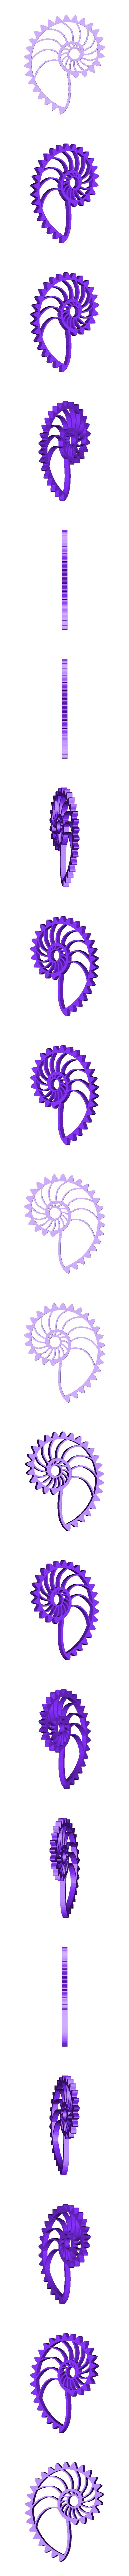 Nautilus_Gear.STL Télécharger fichier STL gratuit Nautilus Gears - Barre unilatérale avec capuchons • Modèle pour impression 3D, sportguy3Dprint